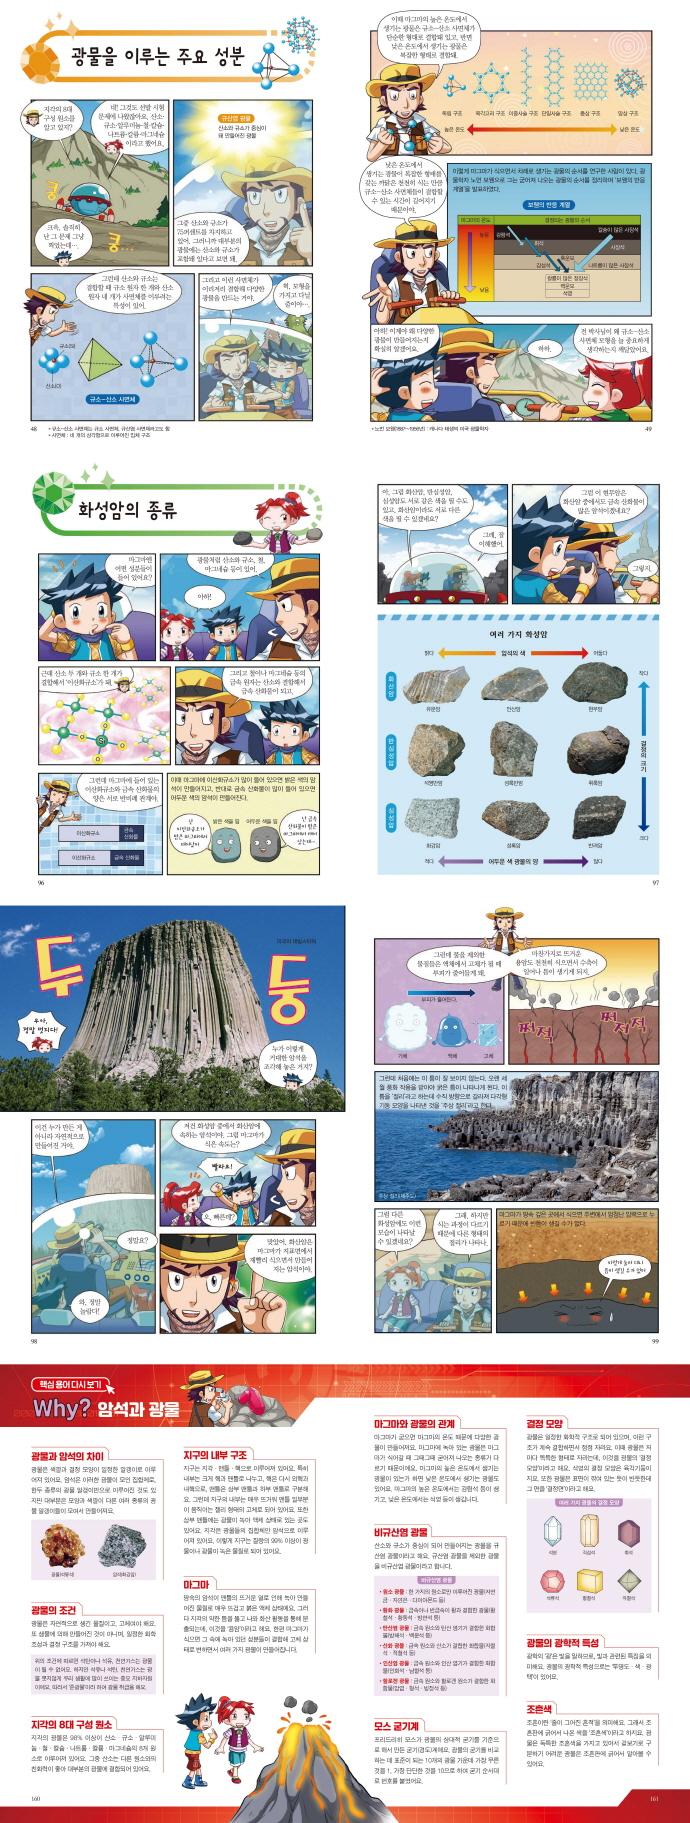 Why? 암석과 광물(초등과학학습만화 54)(양장본 HardCover) 도서 상세이미지